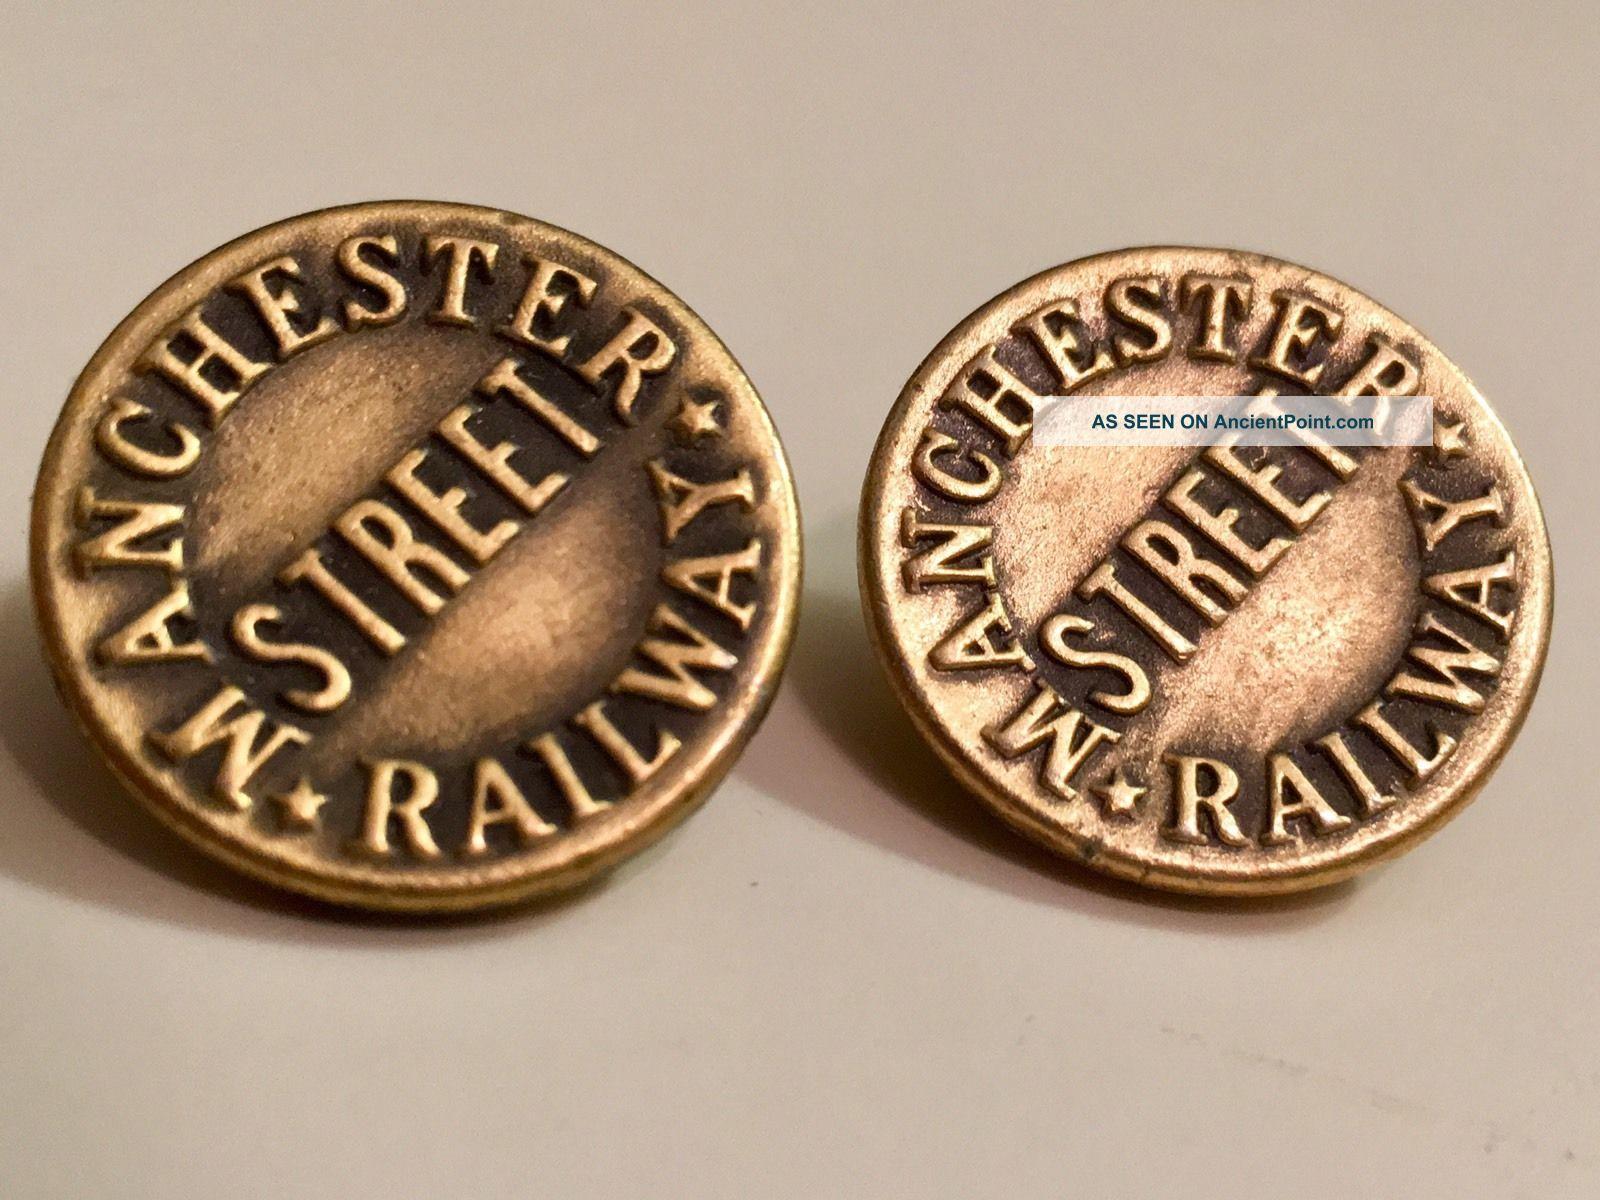 Antique Manchester Street Railway Uniform Buttons Buttons photo